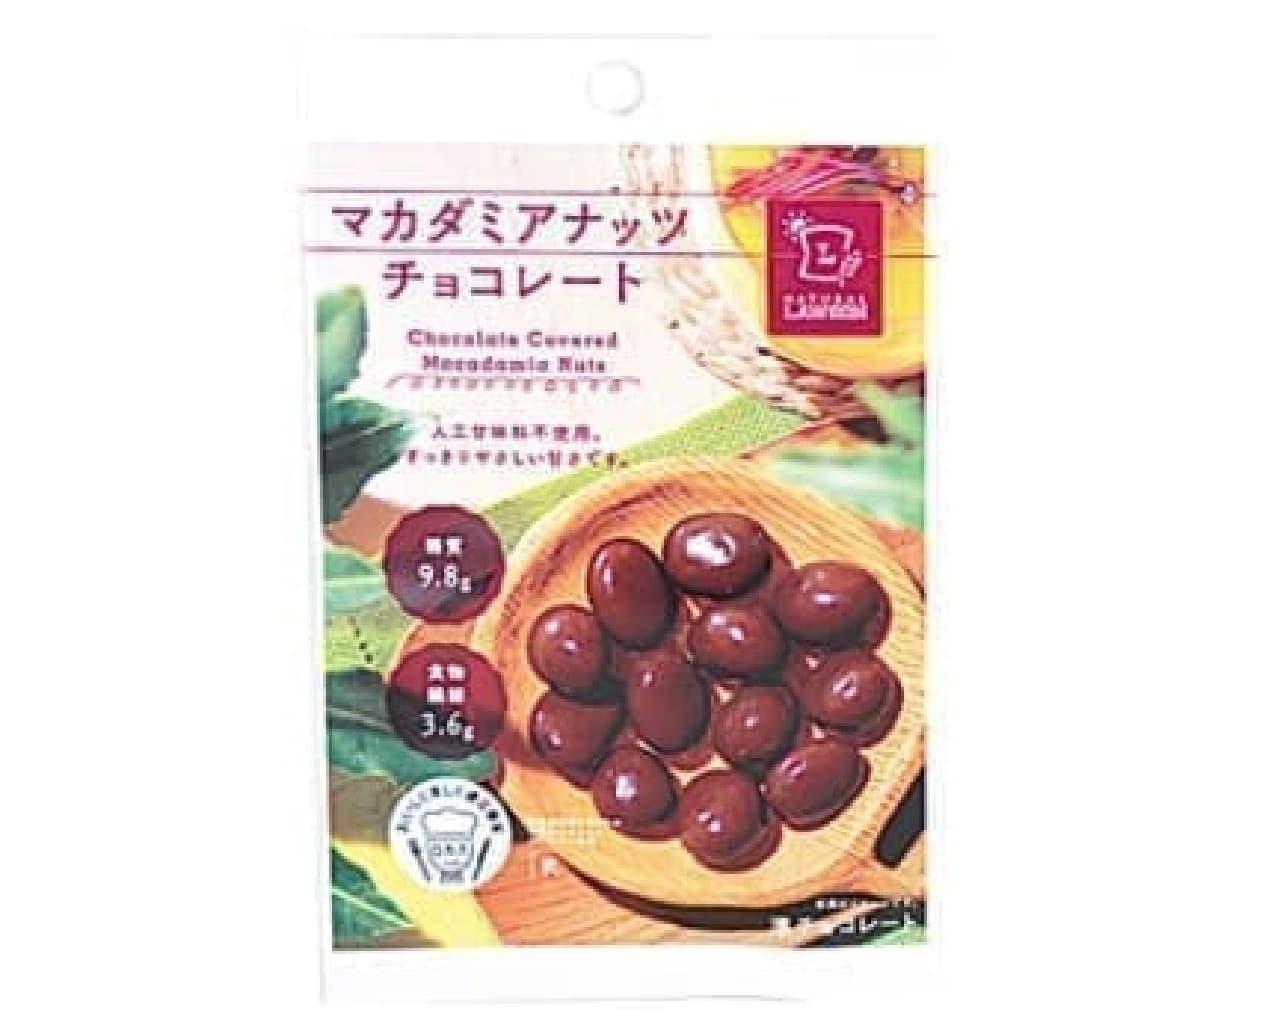 ローソン「マカダミアナッツチョコレート 32g」